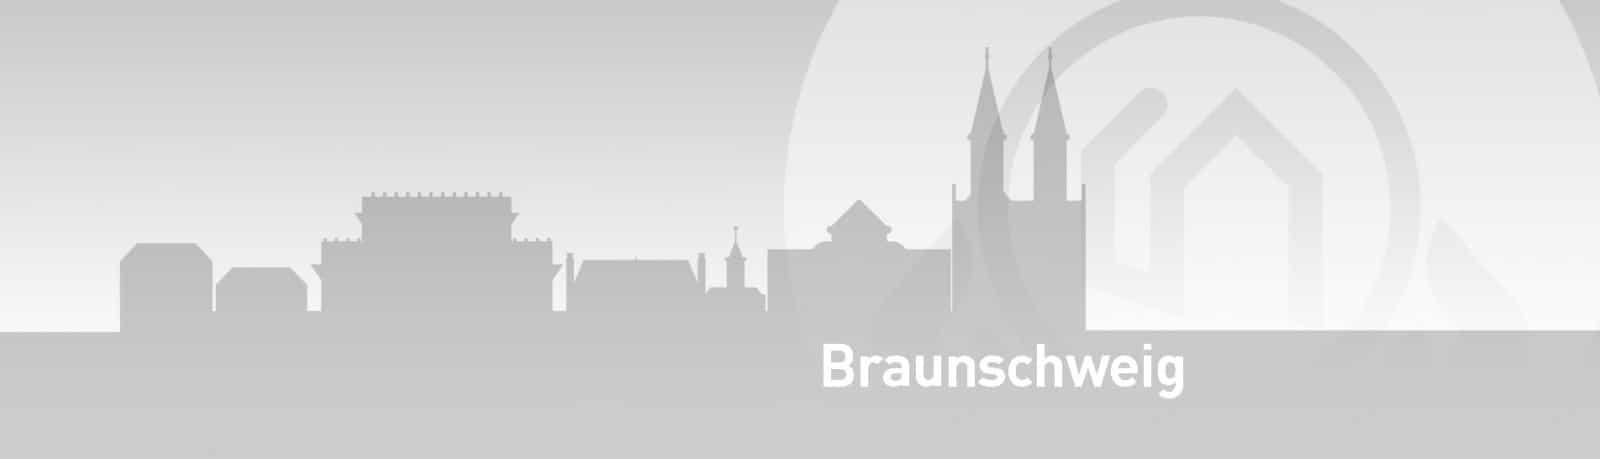 Braunschweig SENCURINA 1904x546 - Kalender Braunschweig